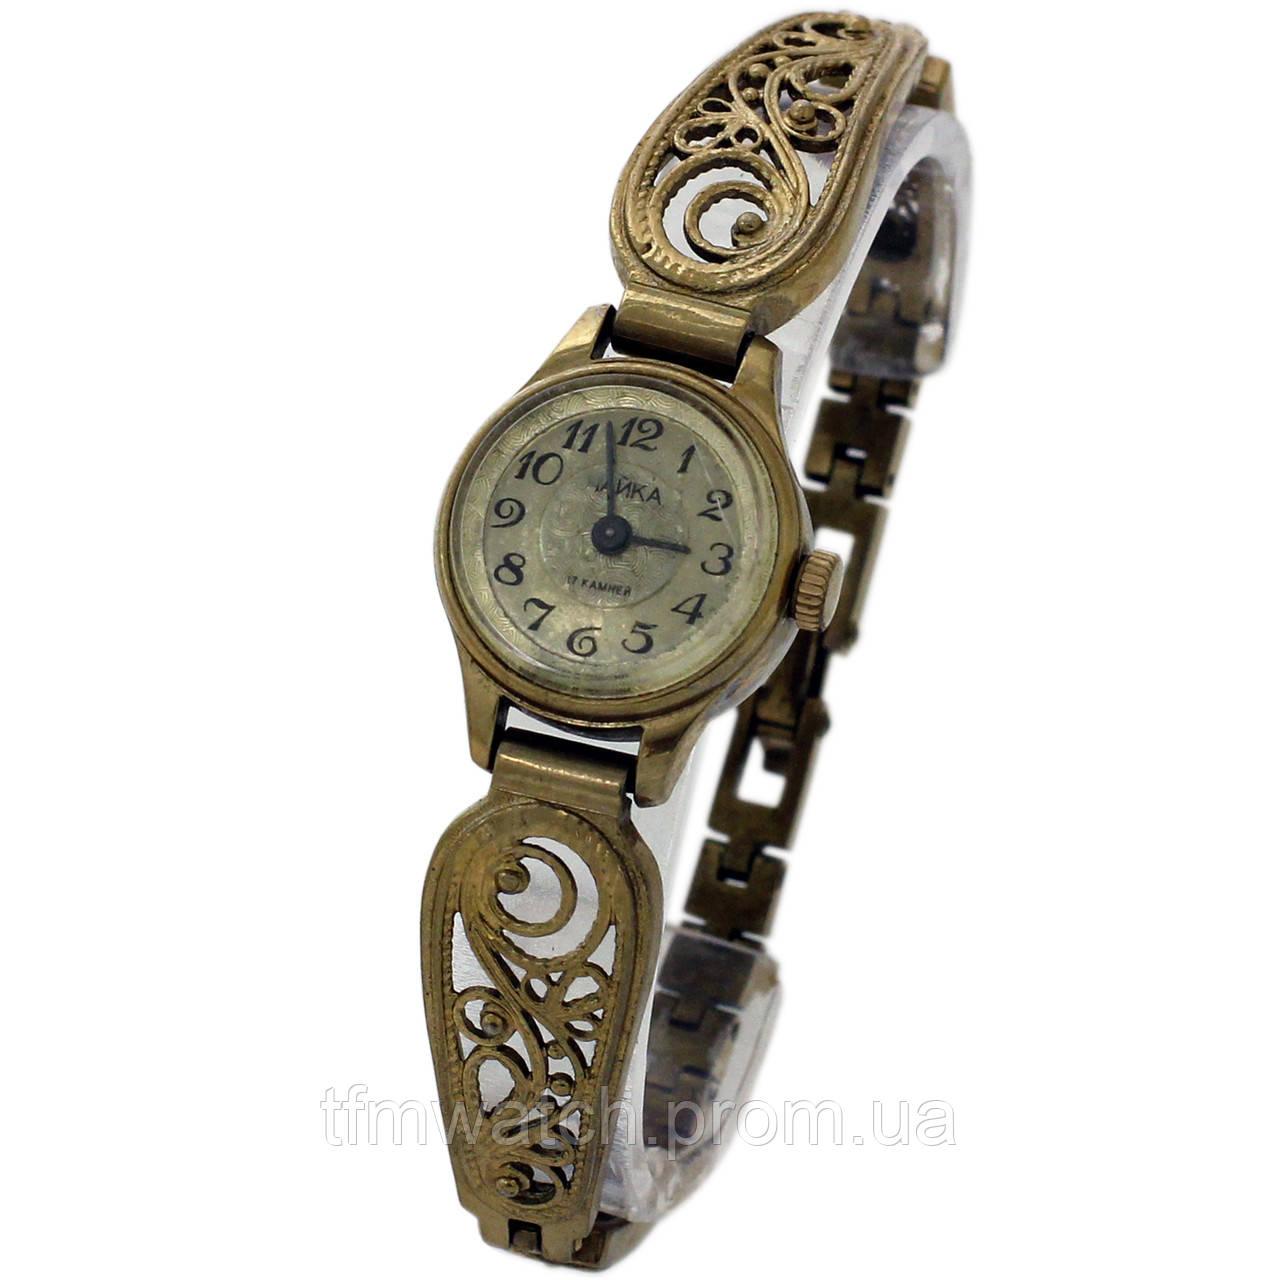 Купить часы чайка 17 камней мужские часы наручные патек филип